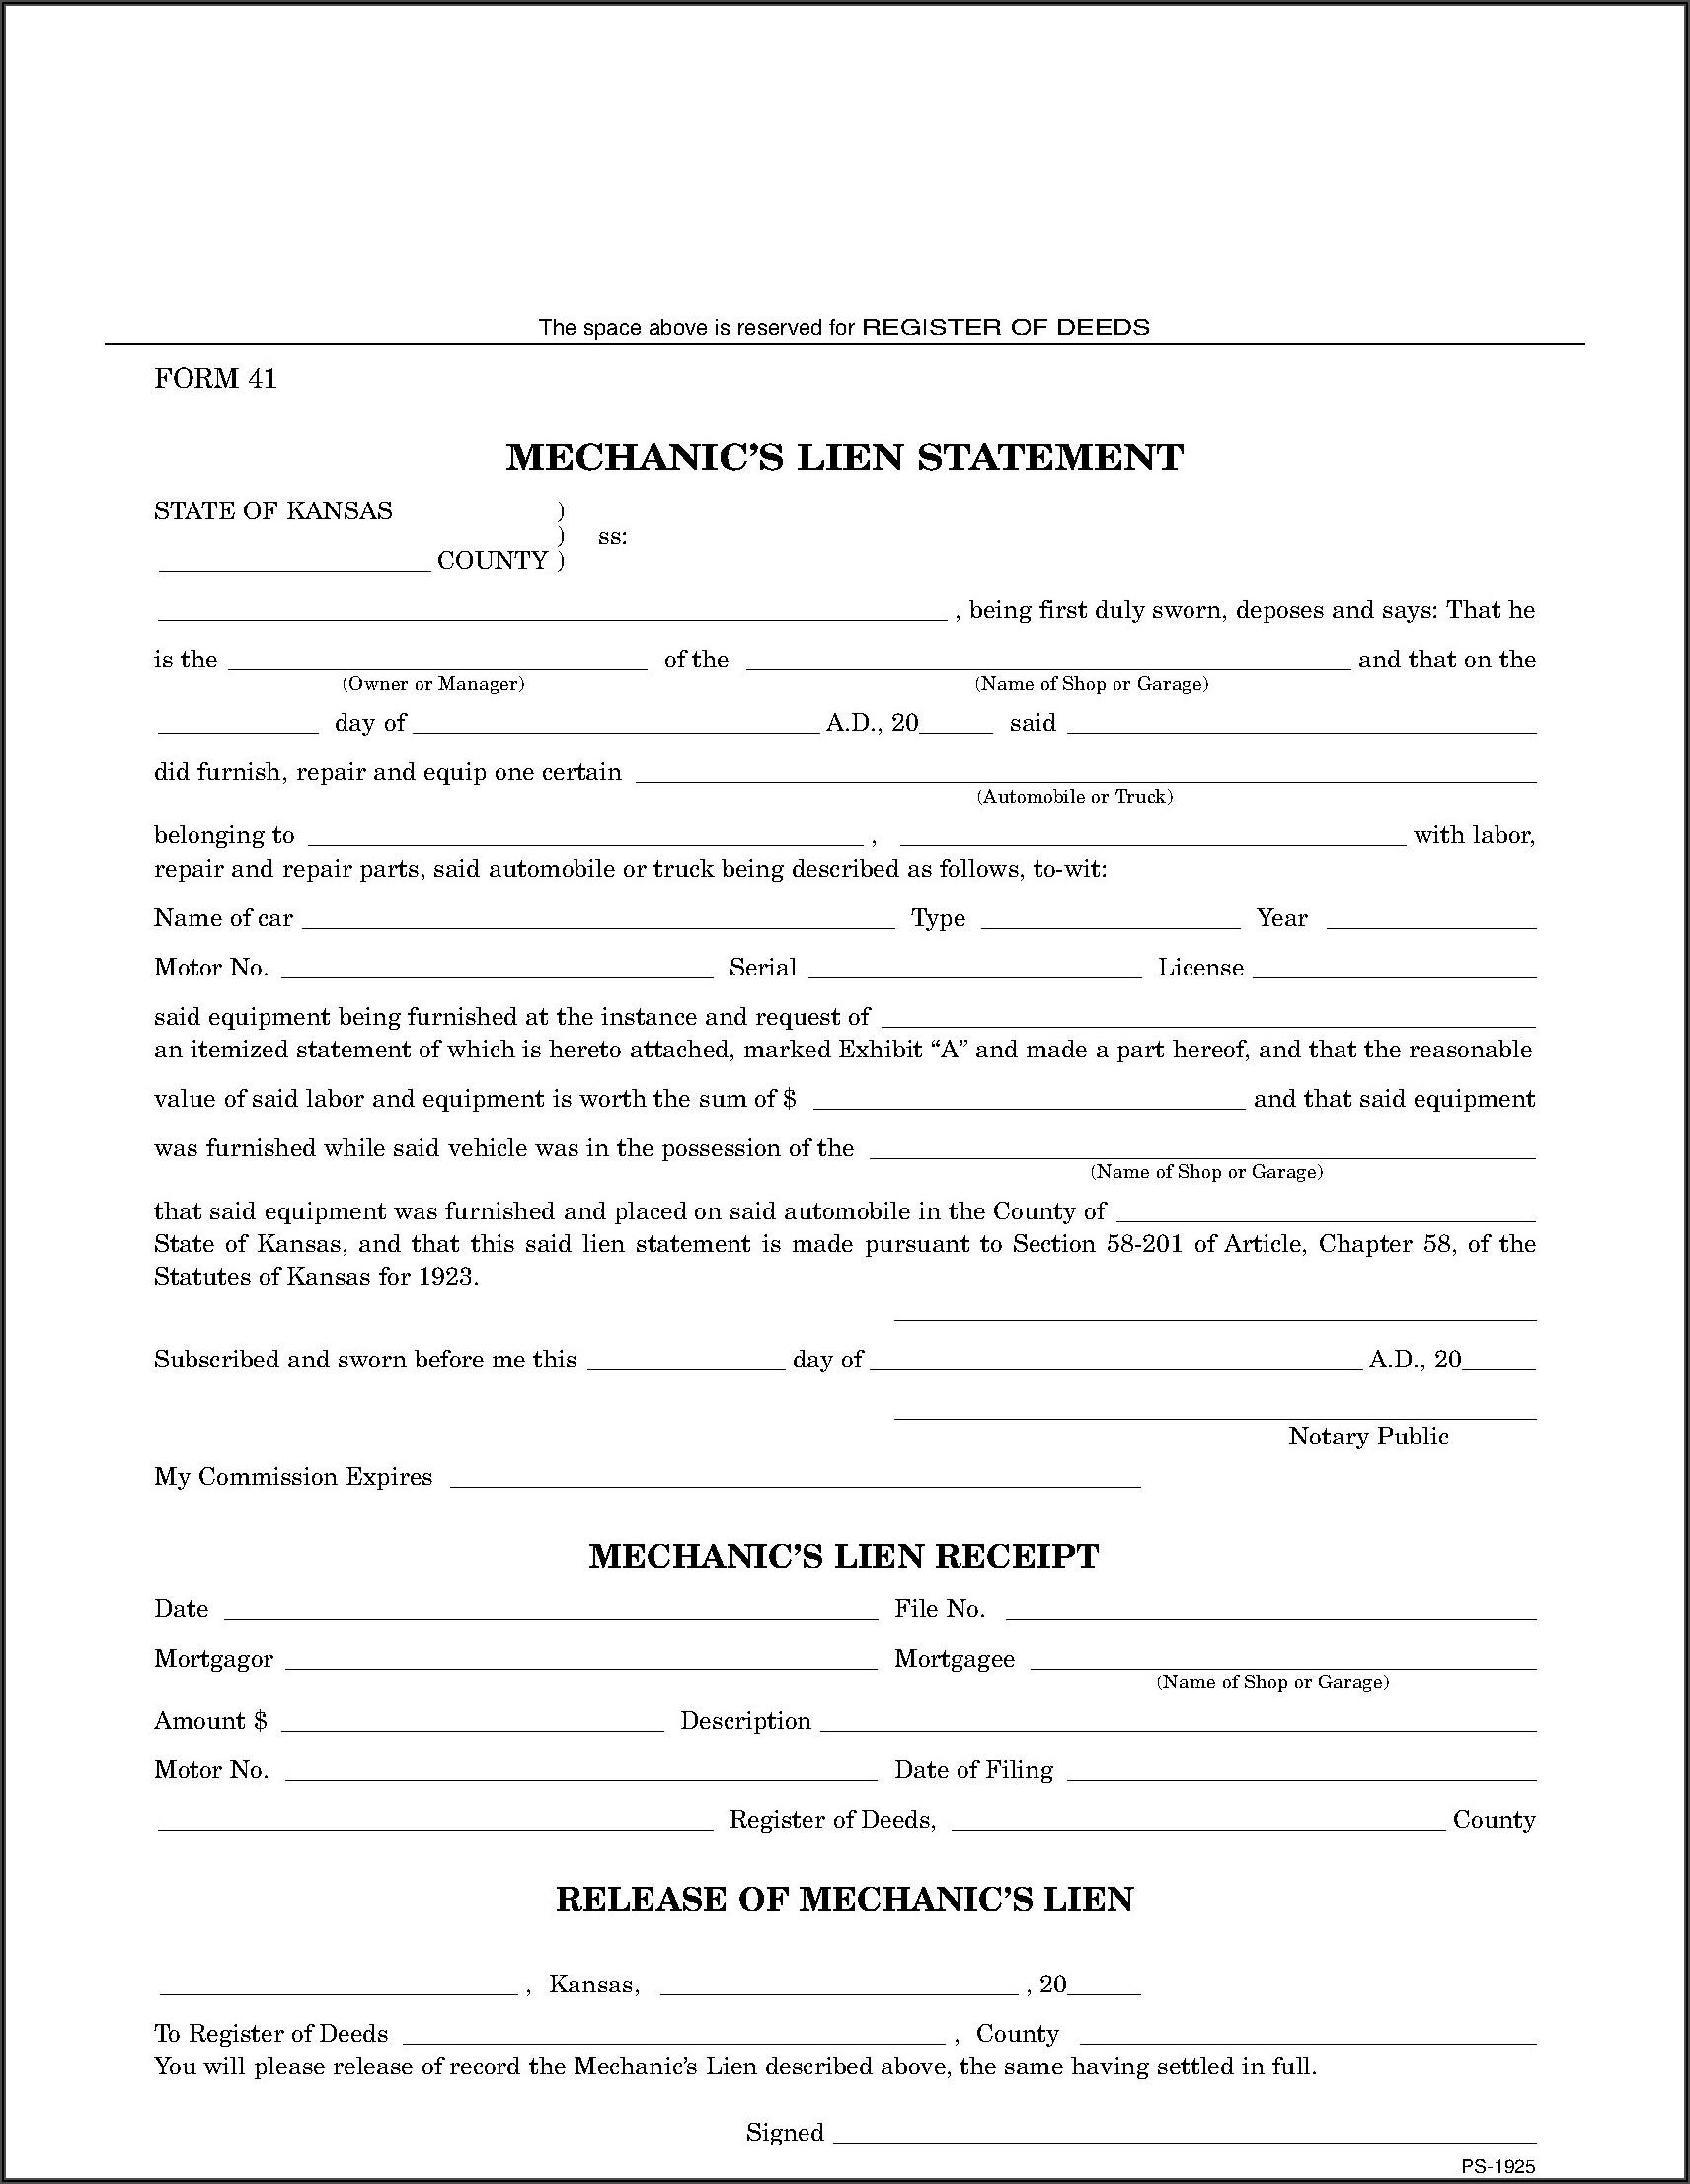 Kansas Mechanic's Lien Release Form